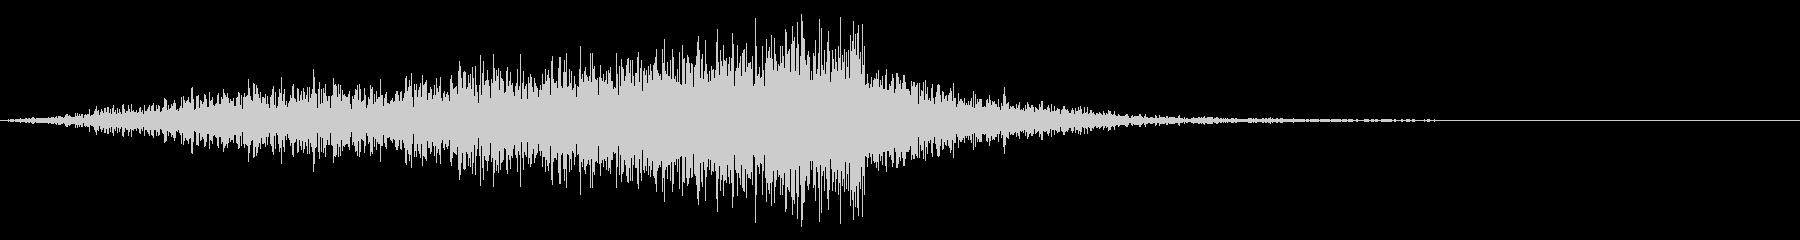 メニュー画面音(ウインドウ,決定等)08の未再生の波形